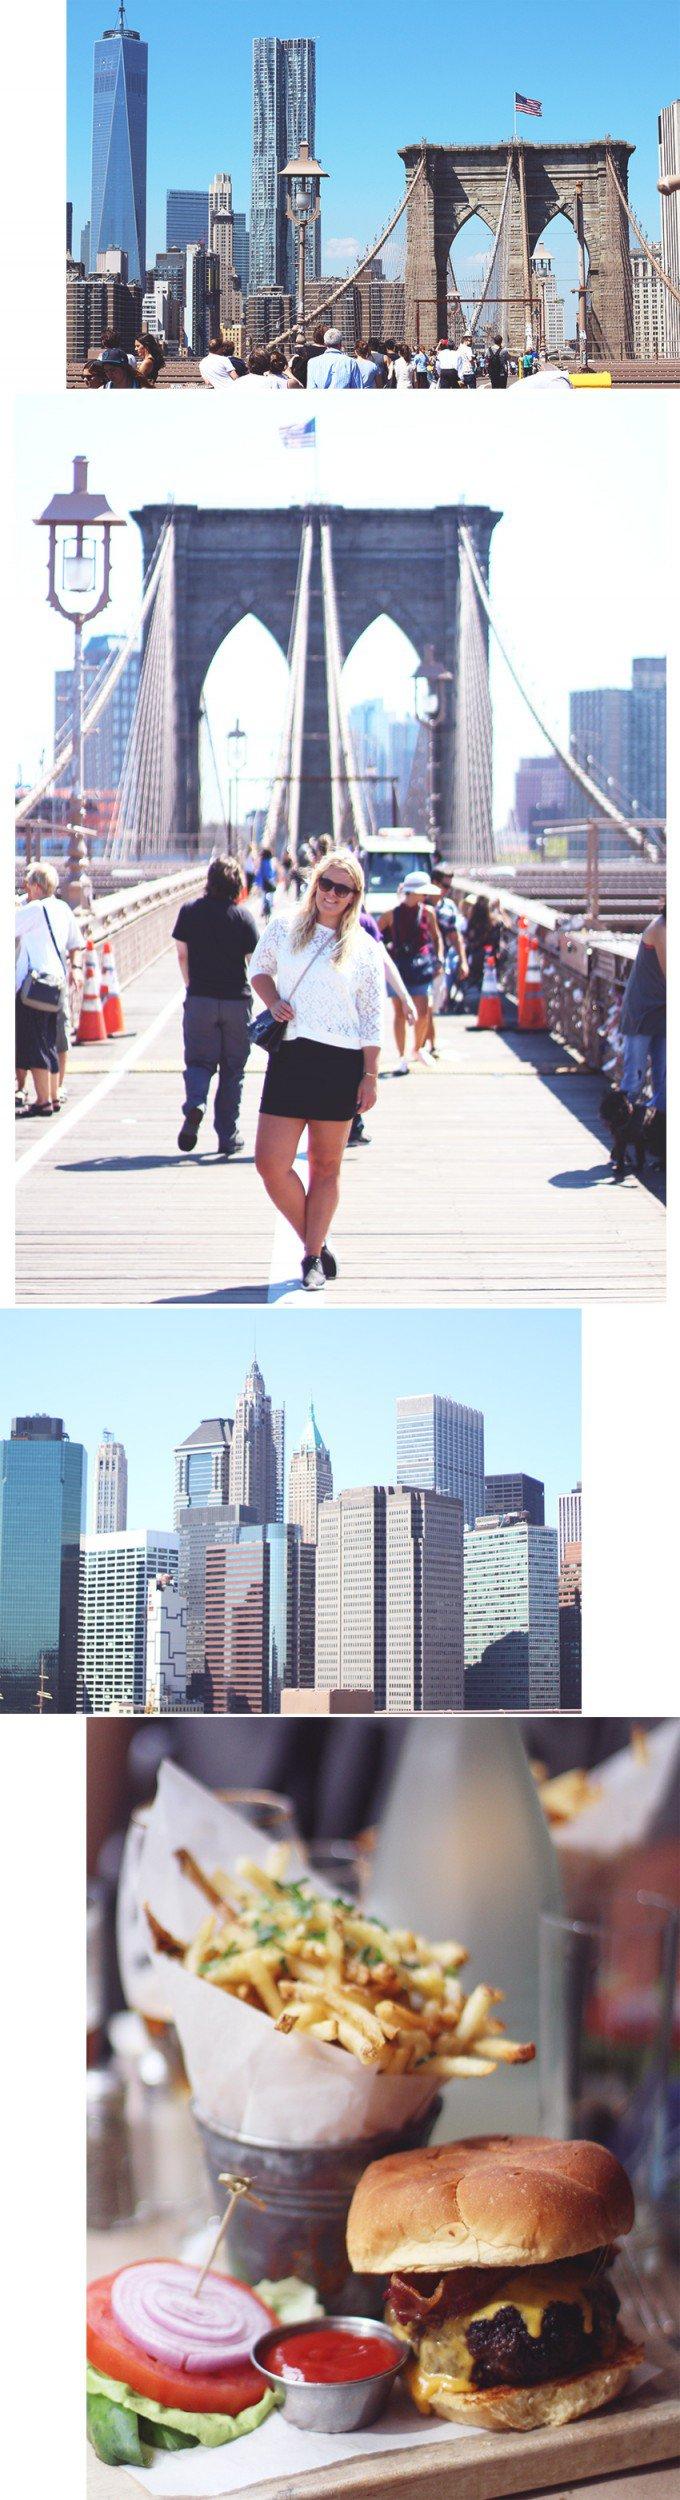 POSTKORT <i>Blonder på Brooklyn Bridge</i>